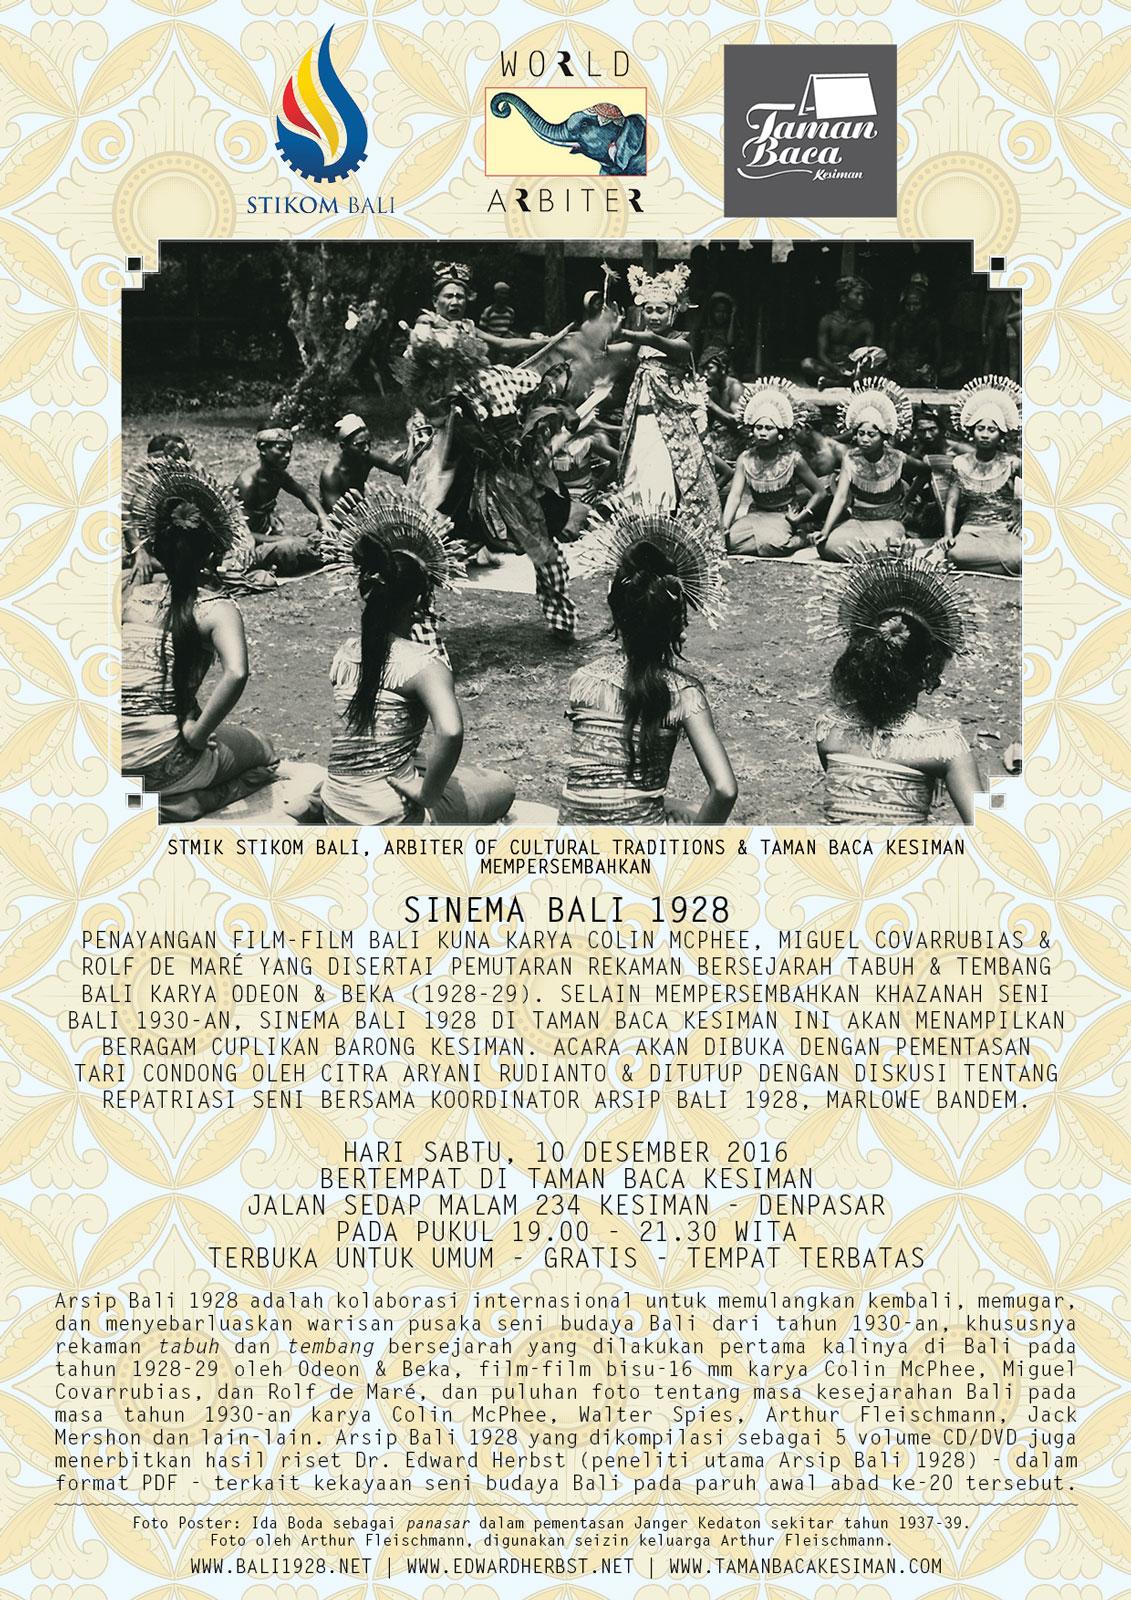 Sinema Bali 1928 di Taman Baca Kesiman